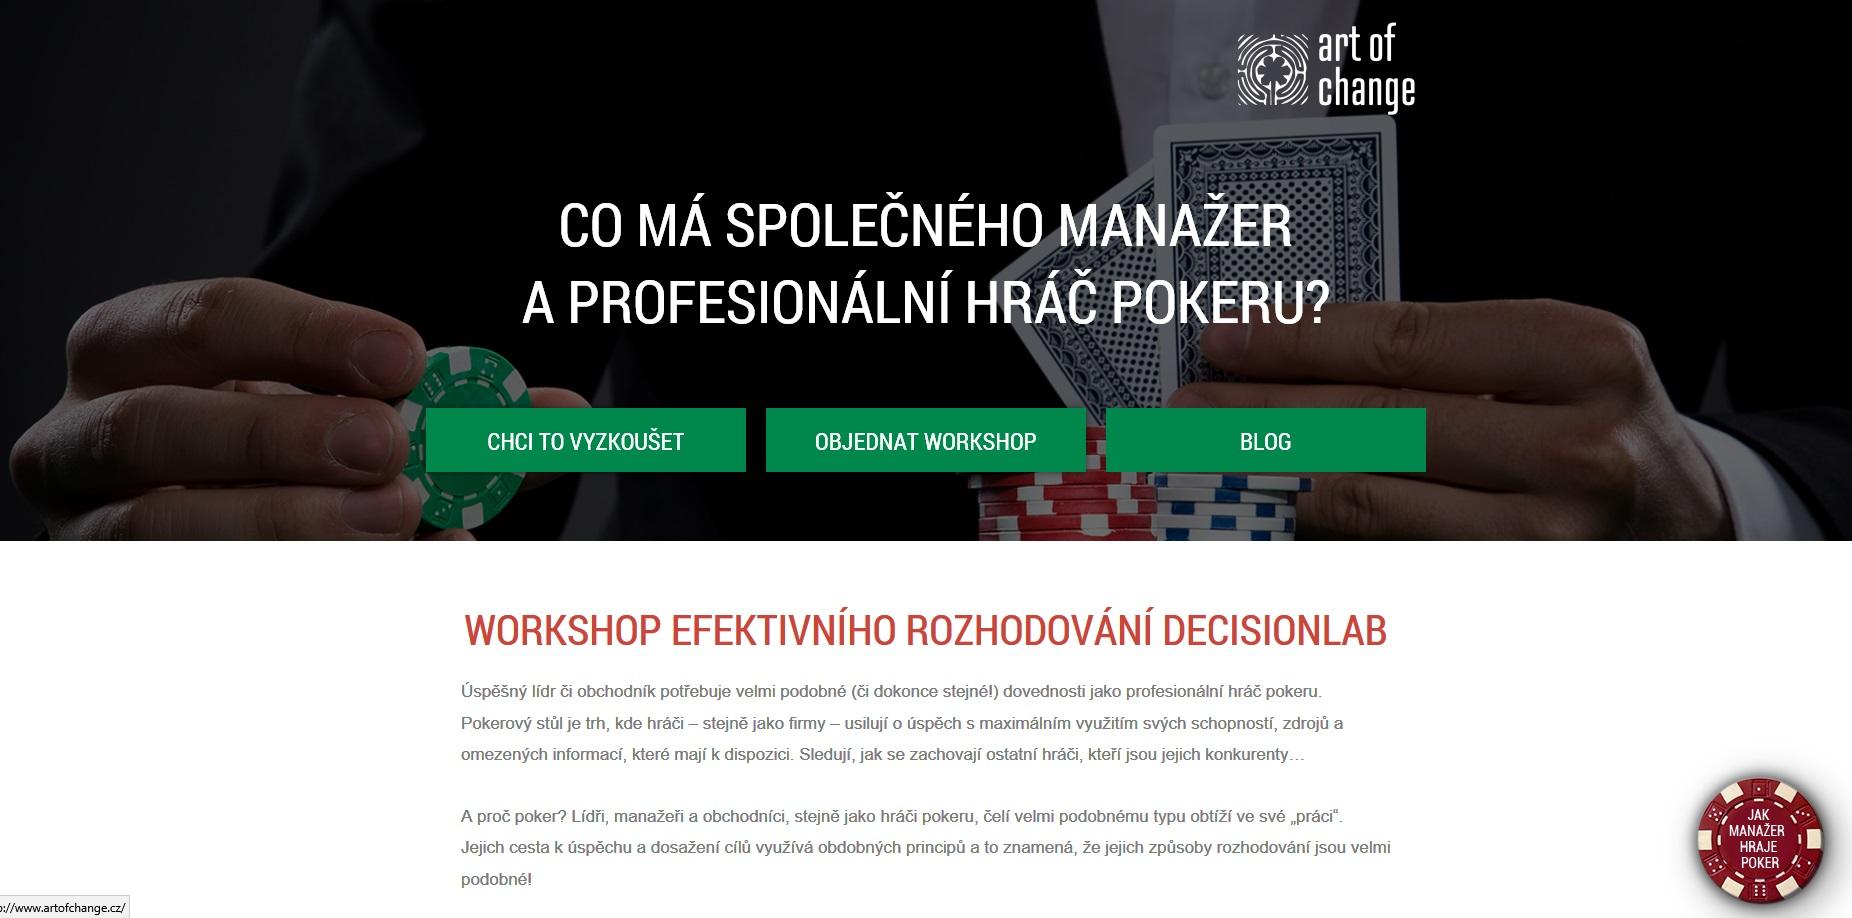 Web Umění efektivního rozhodování: Workshop pro manažery a obchodníky